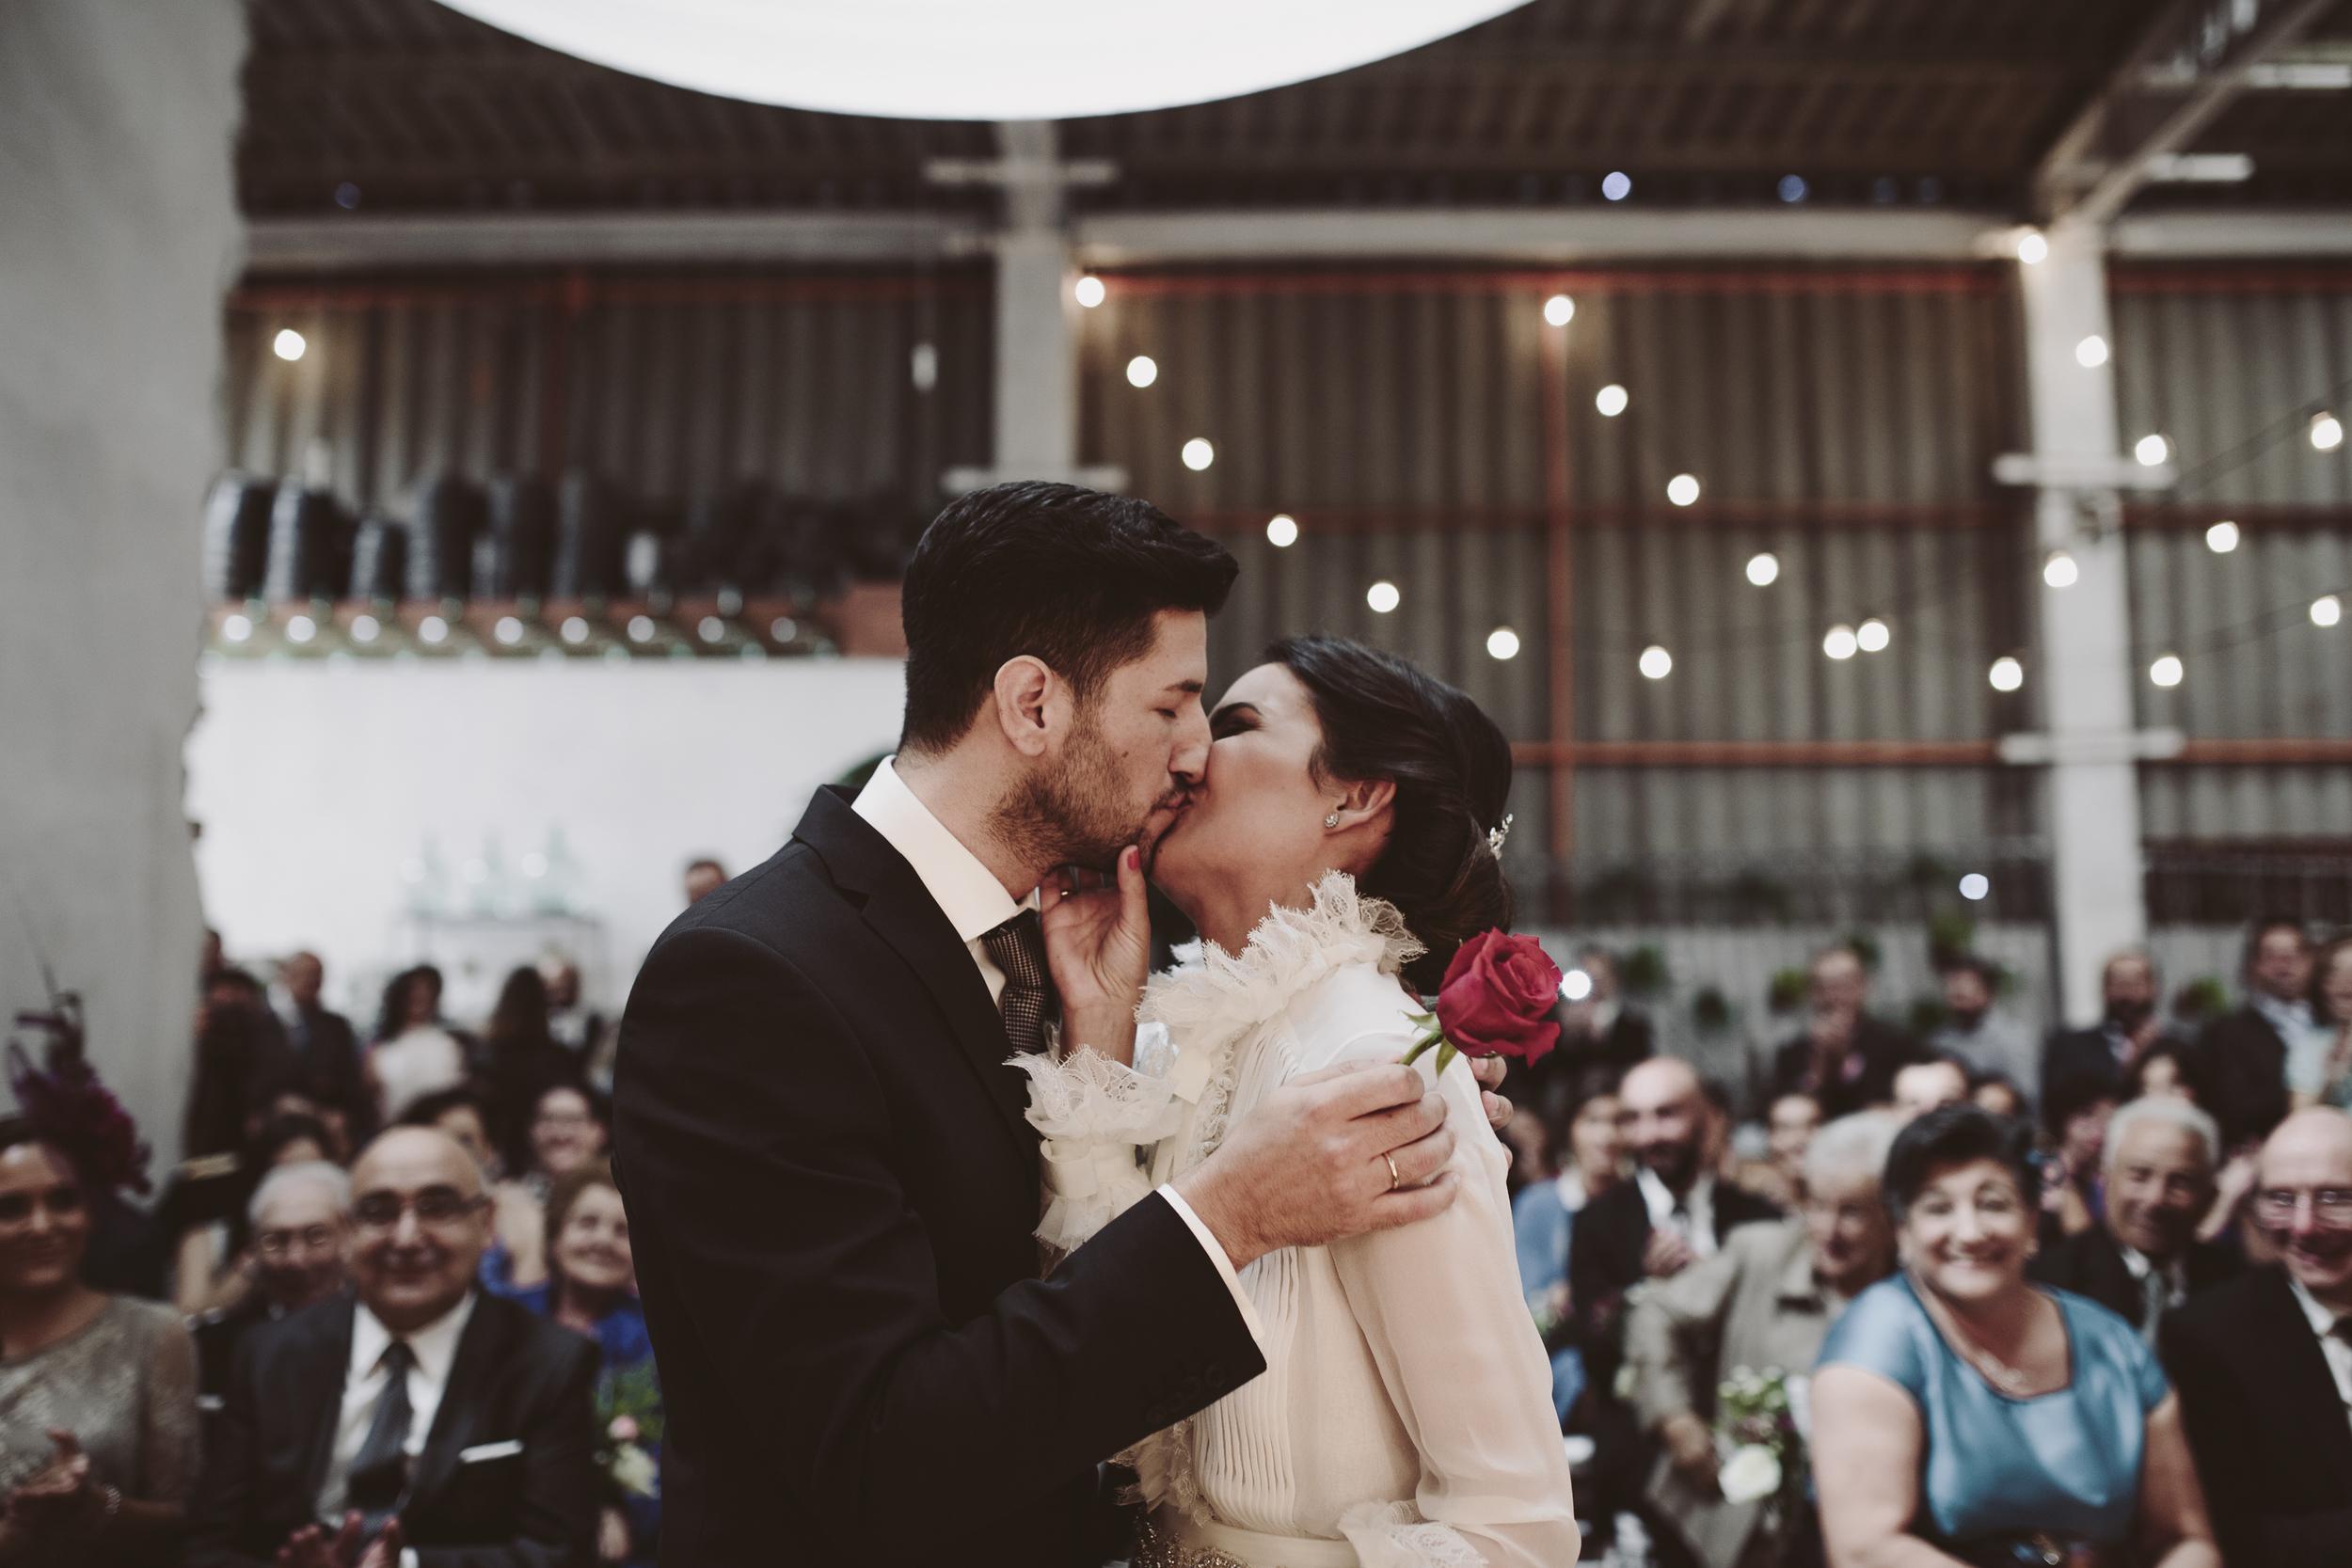 Fotografo bodas Pontevedra Graciela Vilagudin 629.jpg